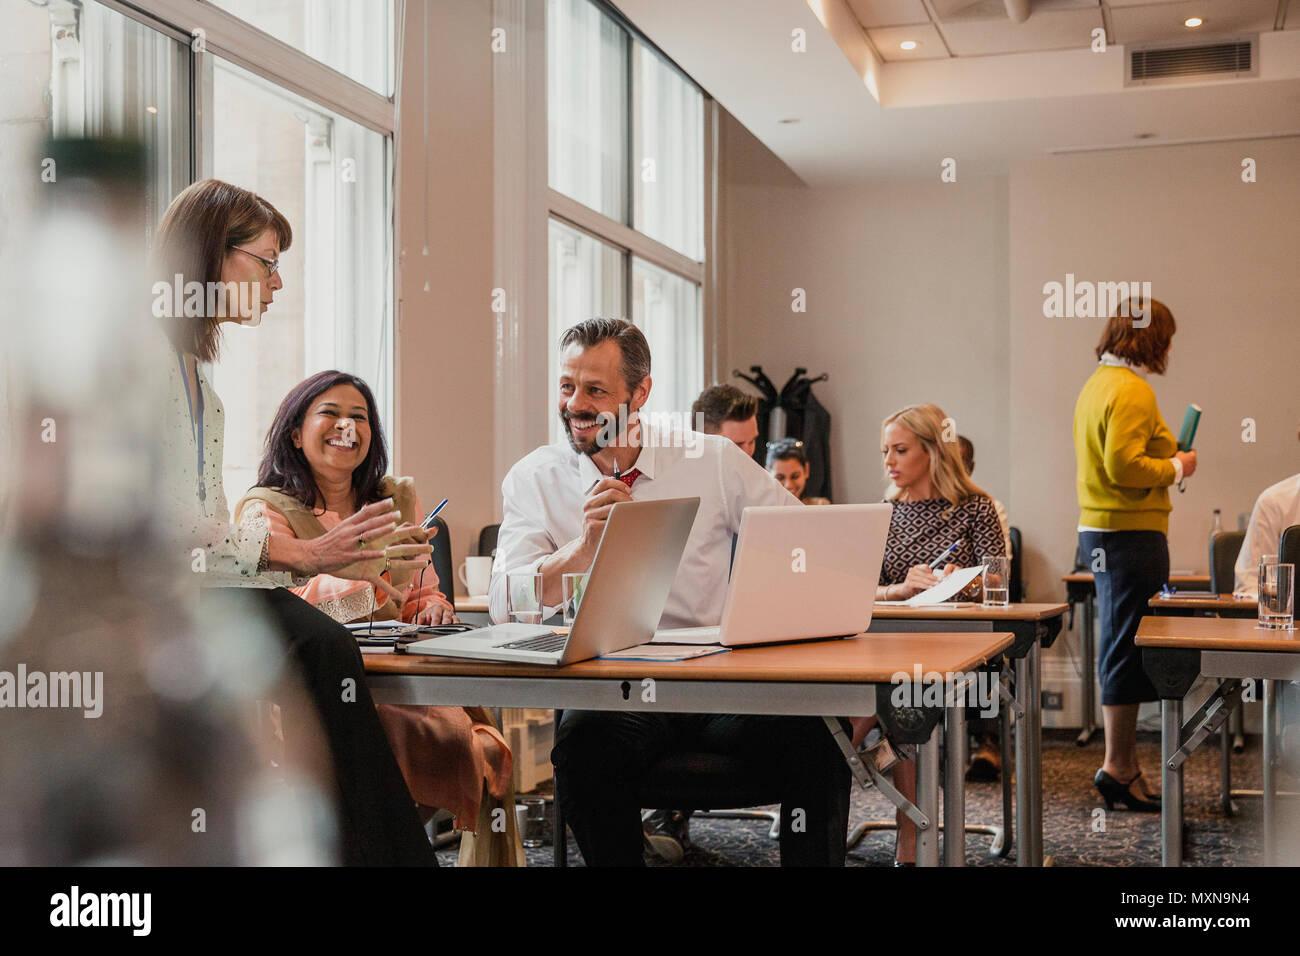 Co-lavoratori a parlare e discutere di informazioni dal computer portatili. Avendo un incontro durante un lunchbreak dalle conferenze di affari. Immagini Stock